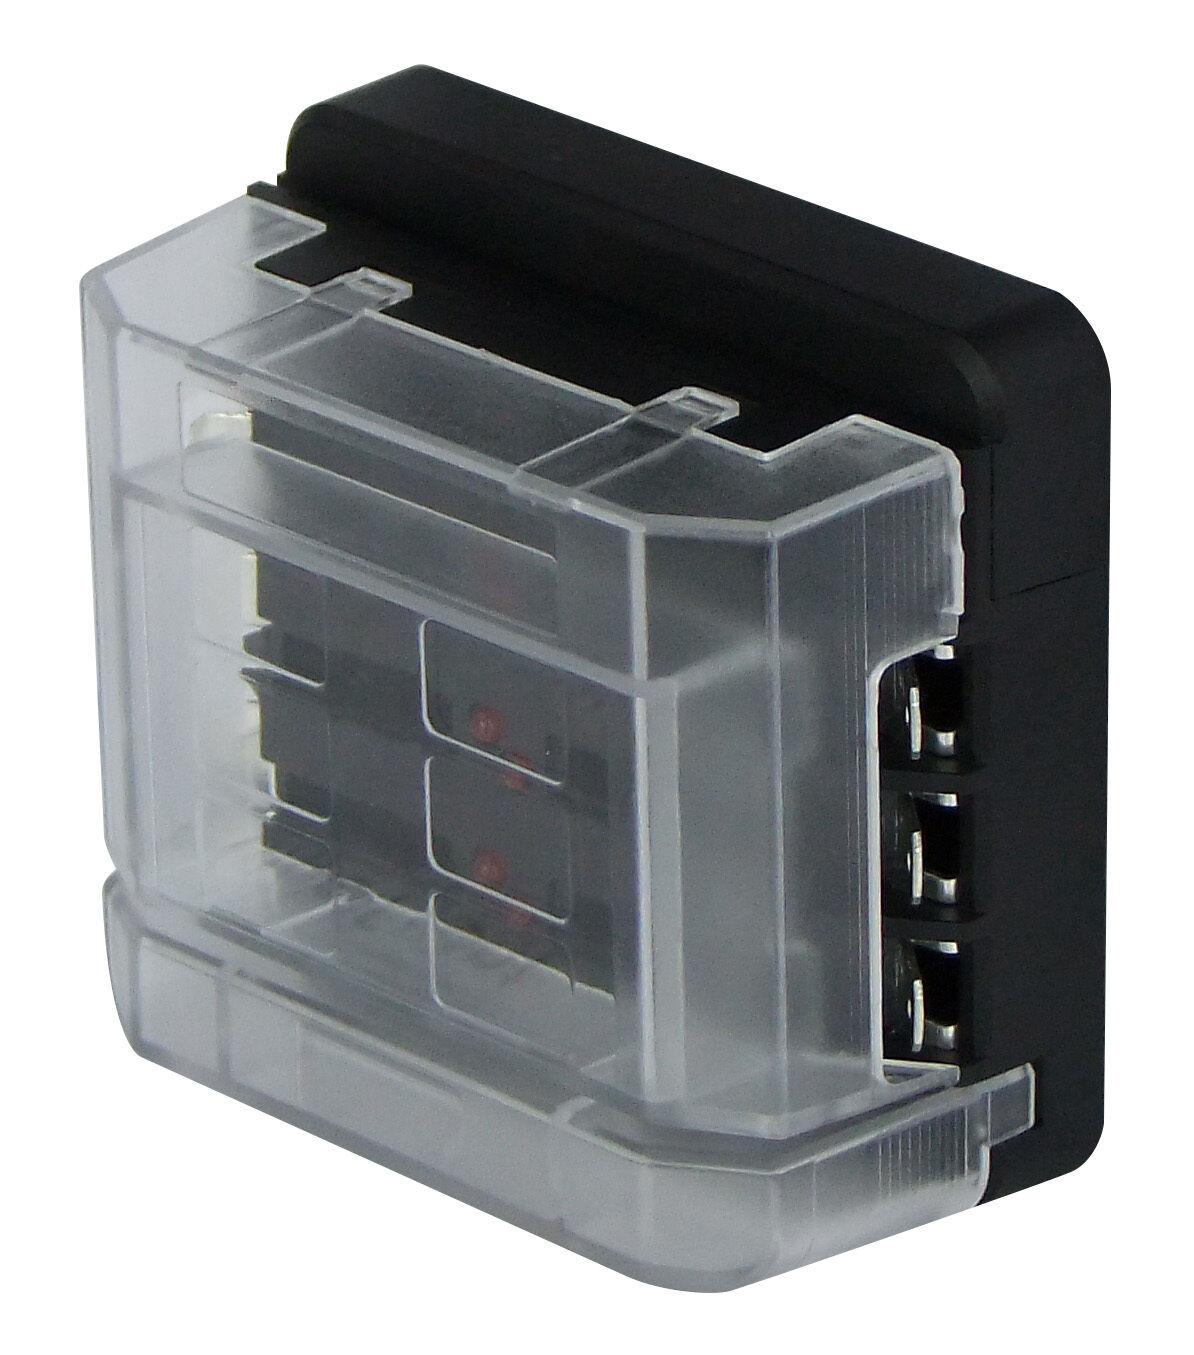 Circuit Fuse Box 6 Way 12 Volt Or 24 Volt 100 Amp Modular